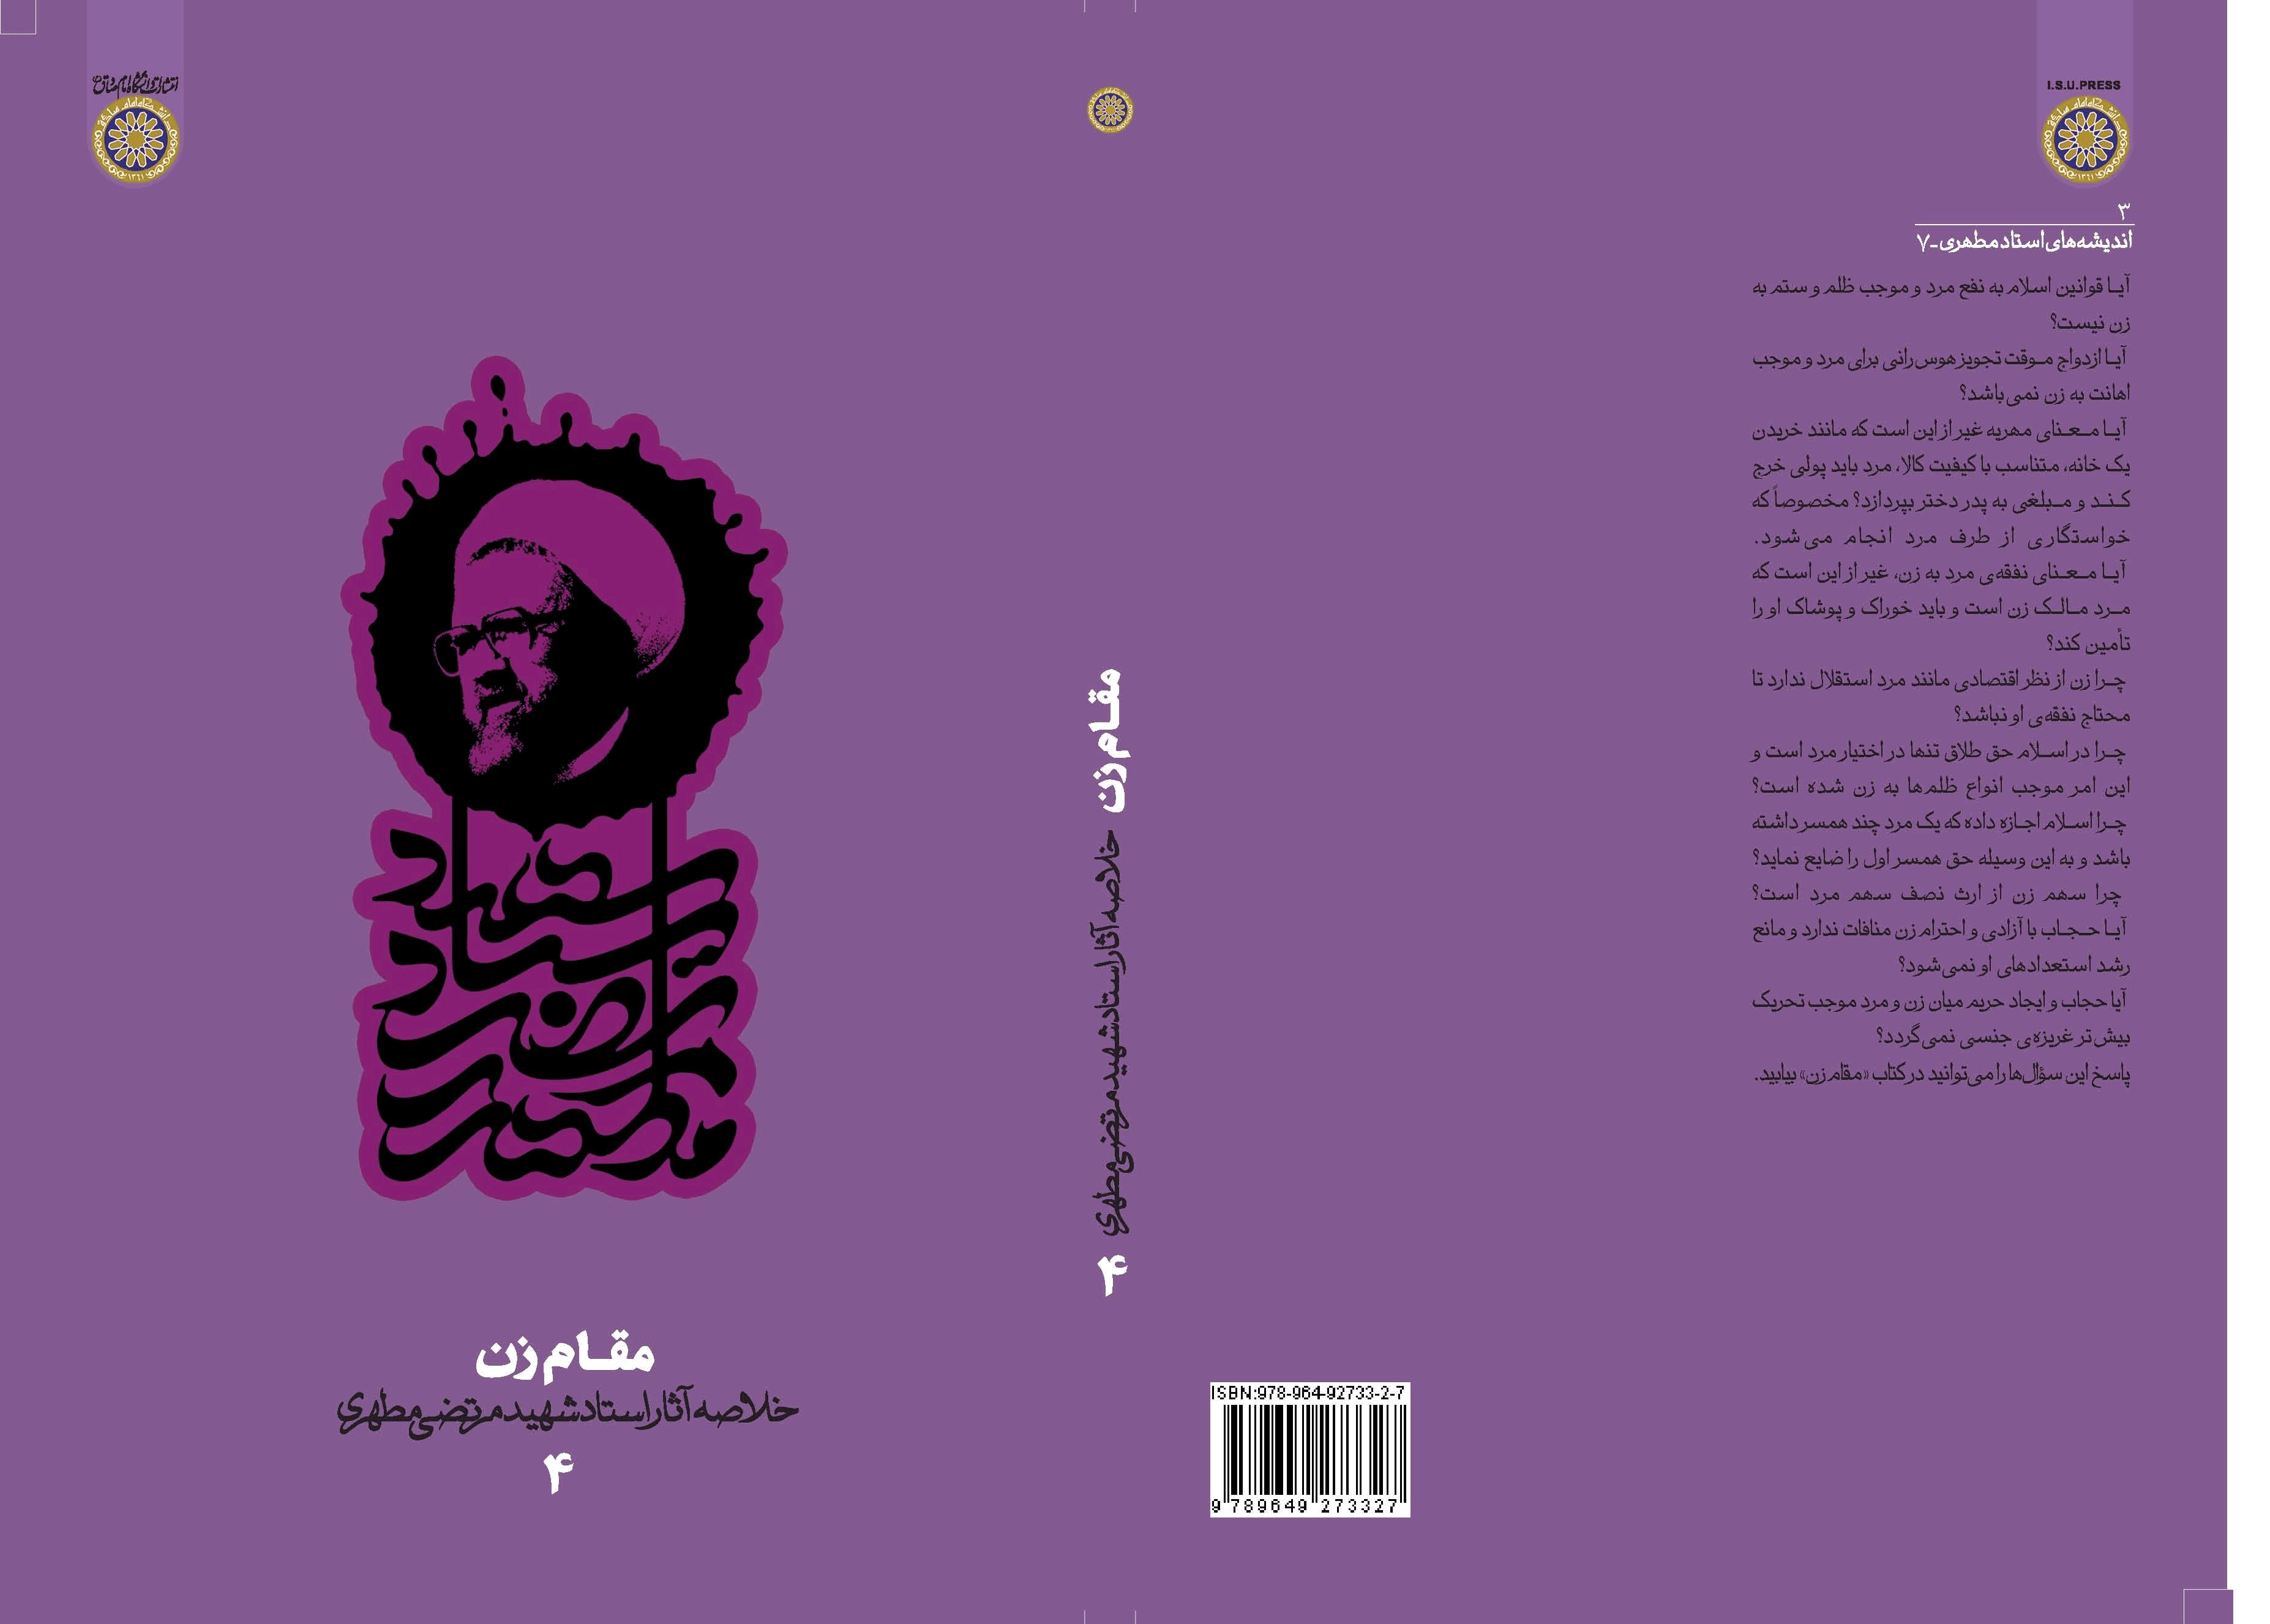 معرفی بسته ویژه کتب مرتبط با حقوق زن، عفاف و حجاب